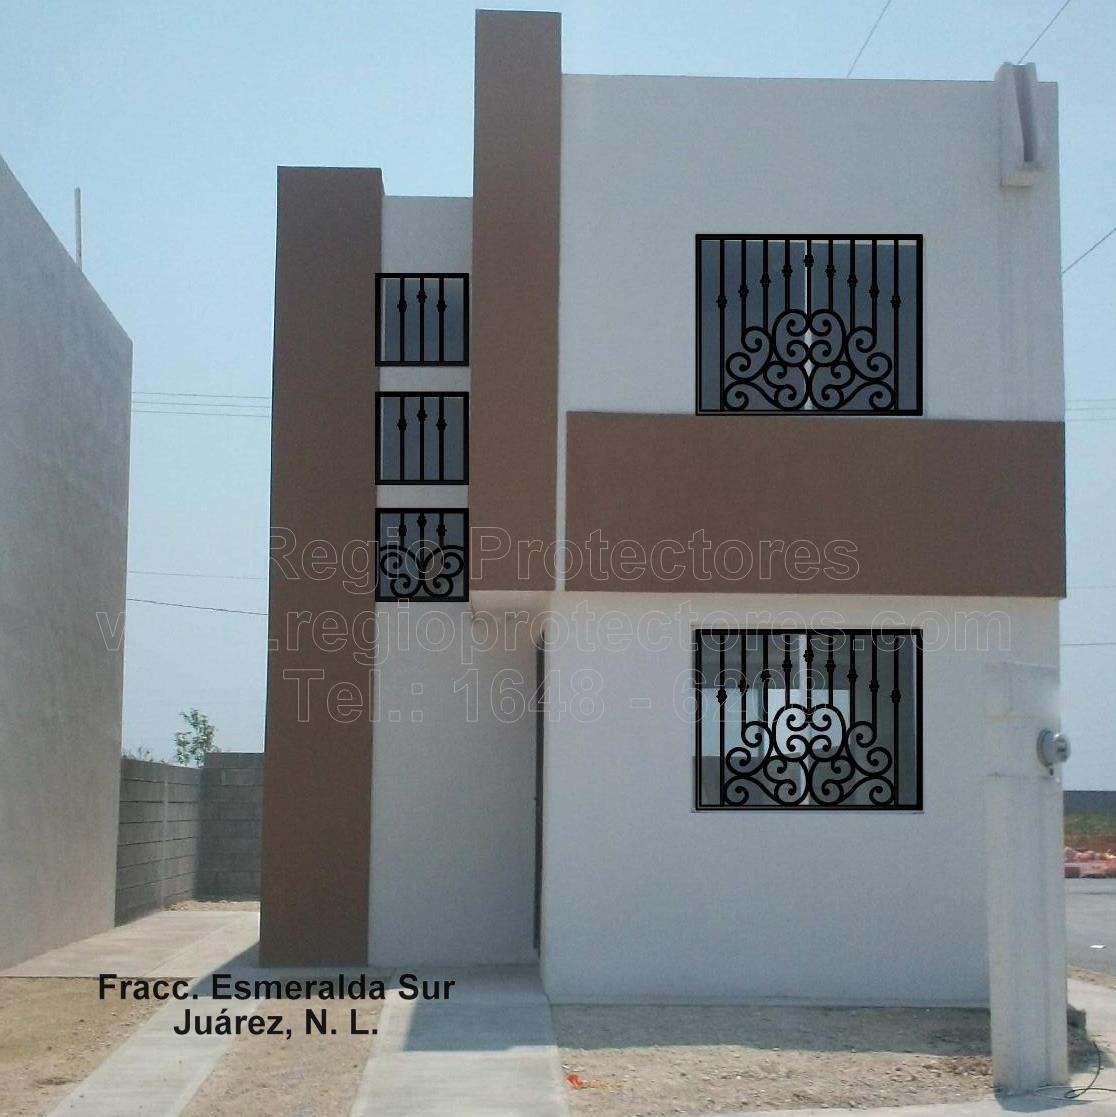 Protectores para ventanas y Puertas, Fracc. Esmeralda Sur, #179